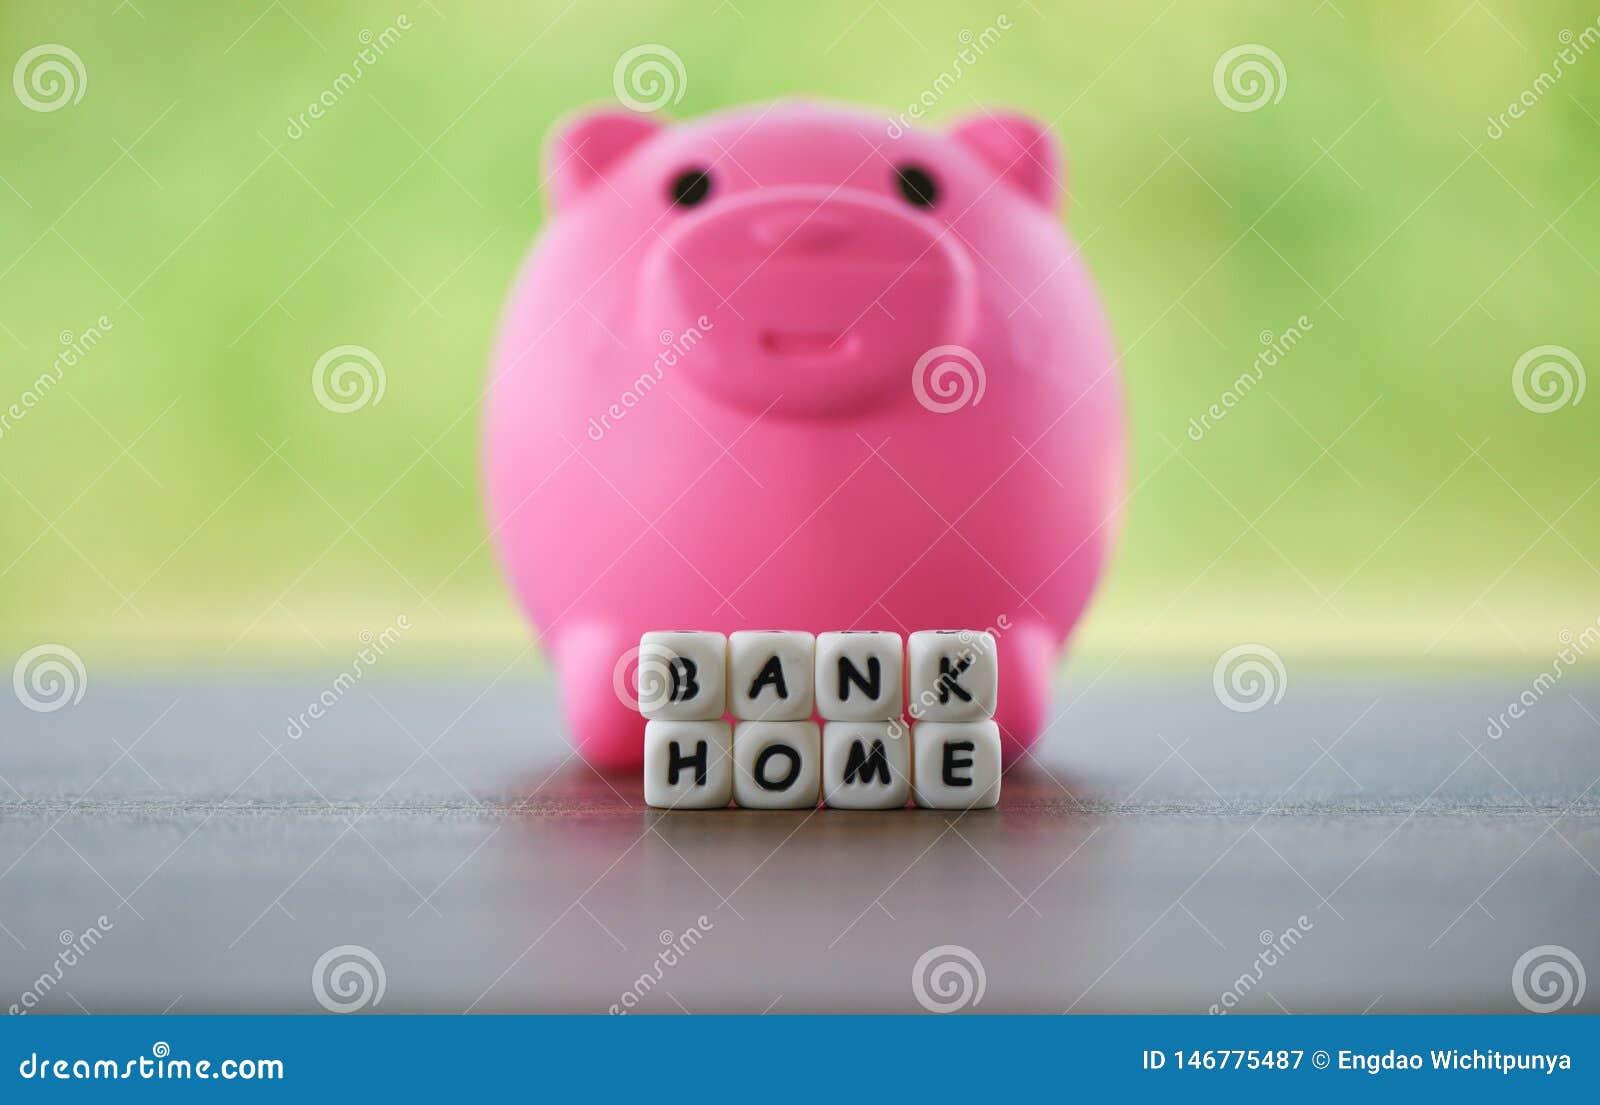 Van het huisbesparingen van de onroerende goederenverkoop van de de leningenmarkt dobbelt het het concepten Roze spaarvarken en w